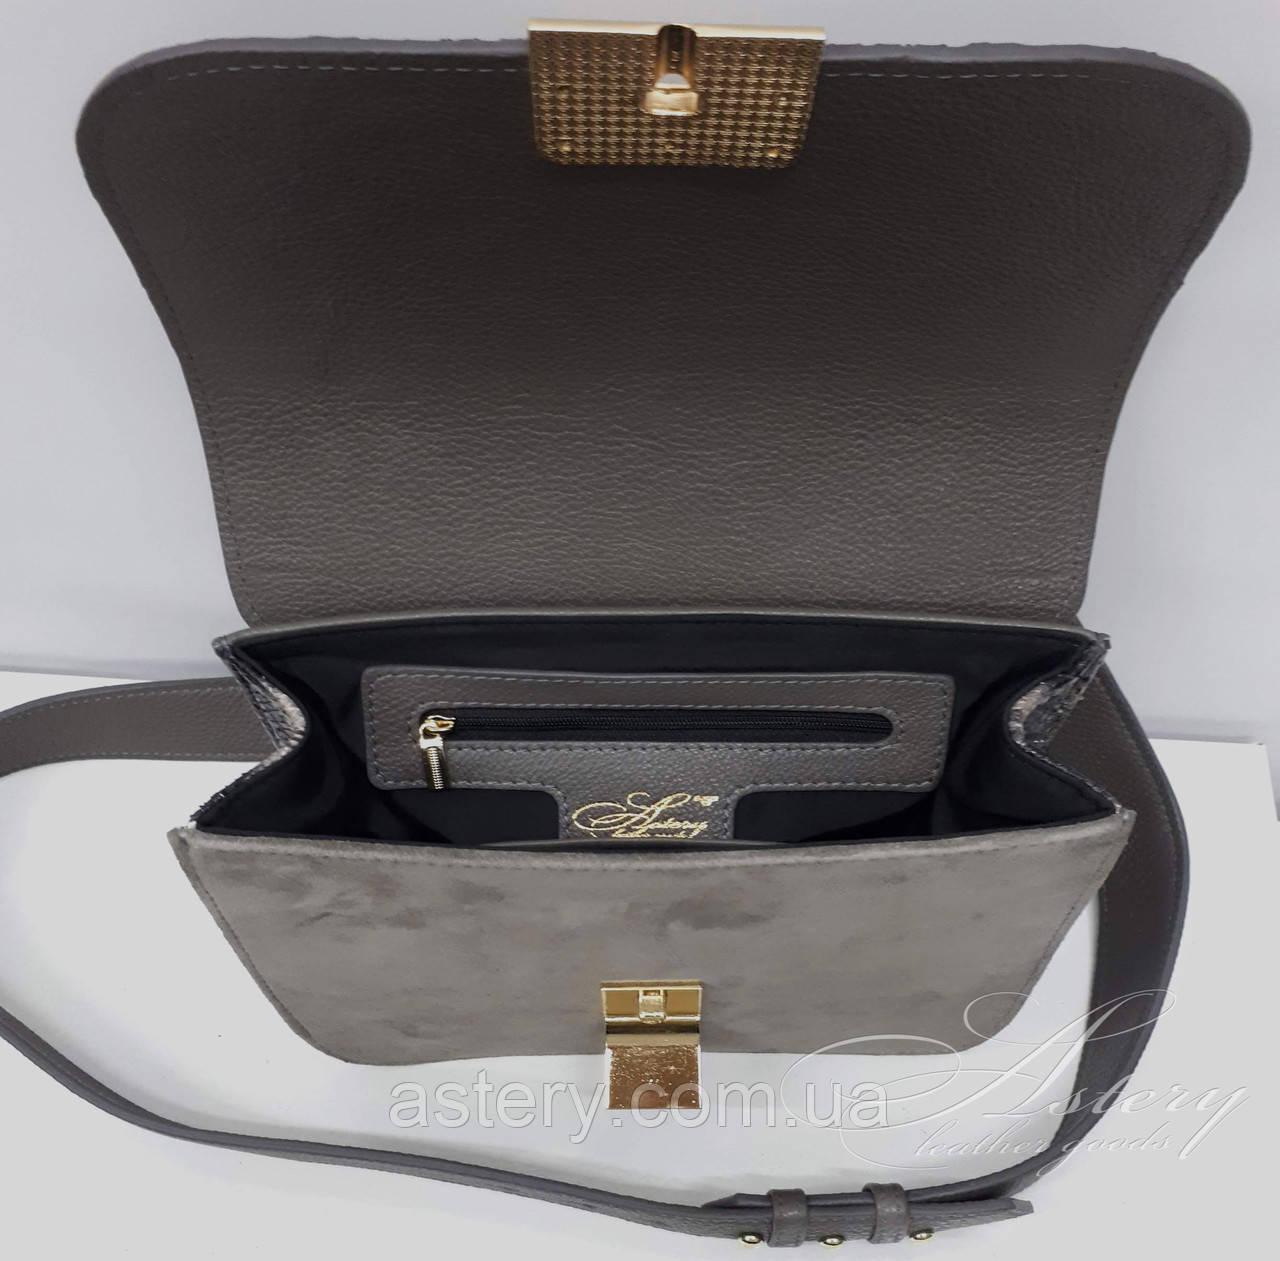 a2d488f04f21 Женская серая замшевая сумка AGATA Gold с серым питоном ручной ...